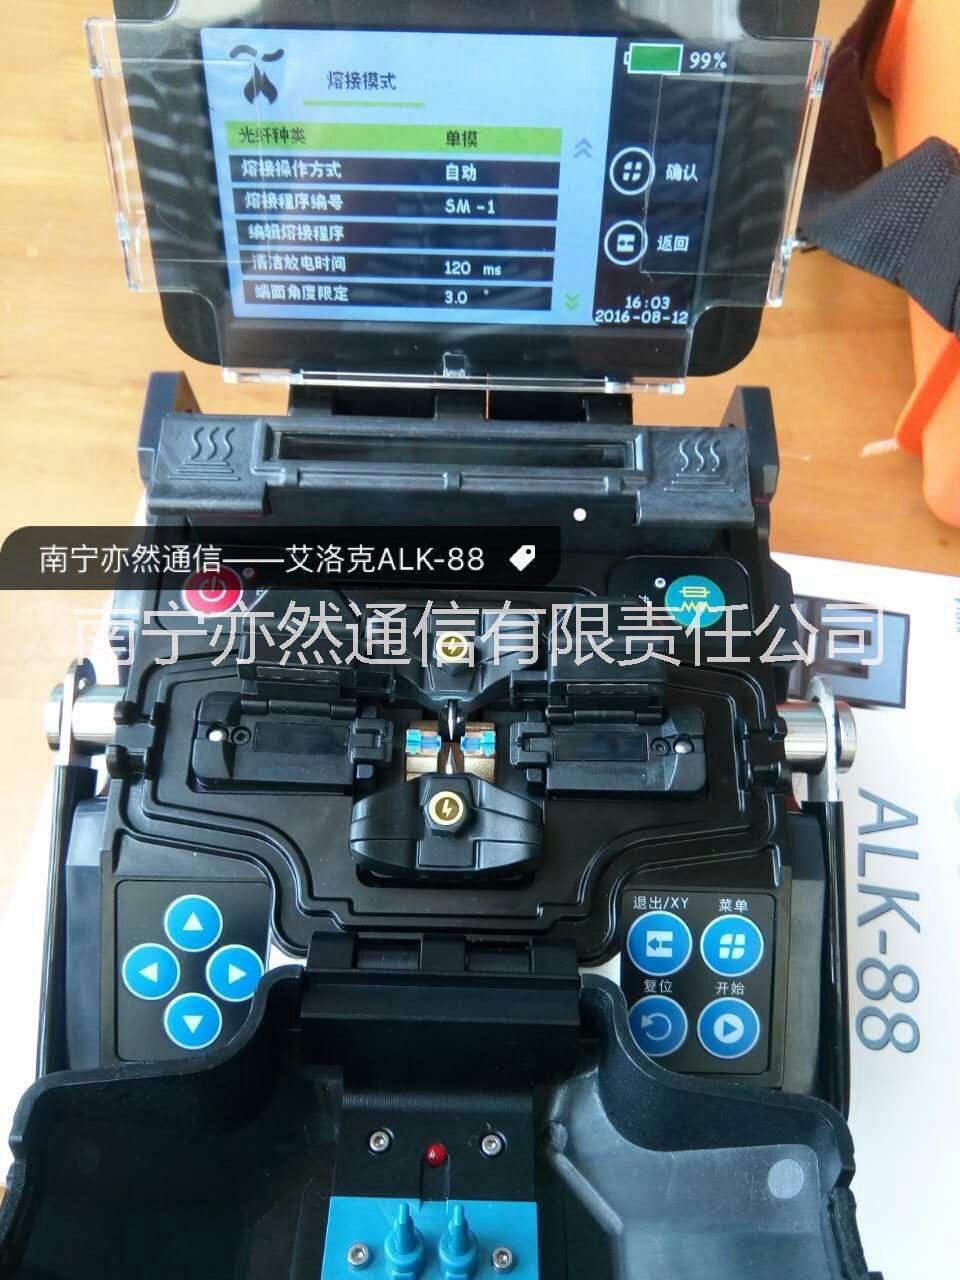 供应广西熔接机 艾洛克ALK-88光纤熔接机 供应广西熔接机 艾洛克熔接机